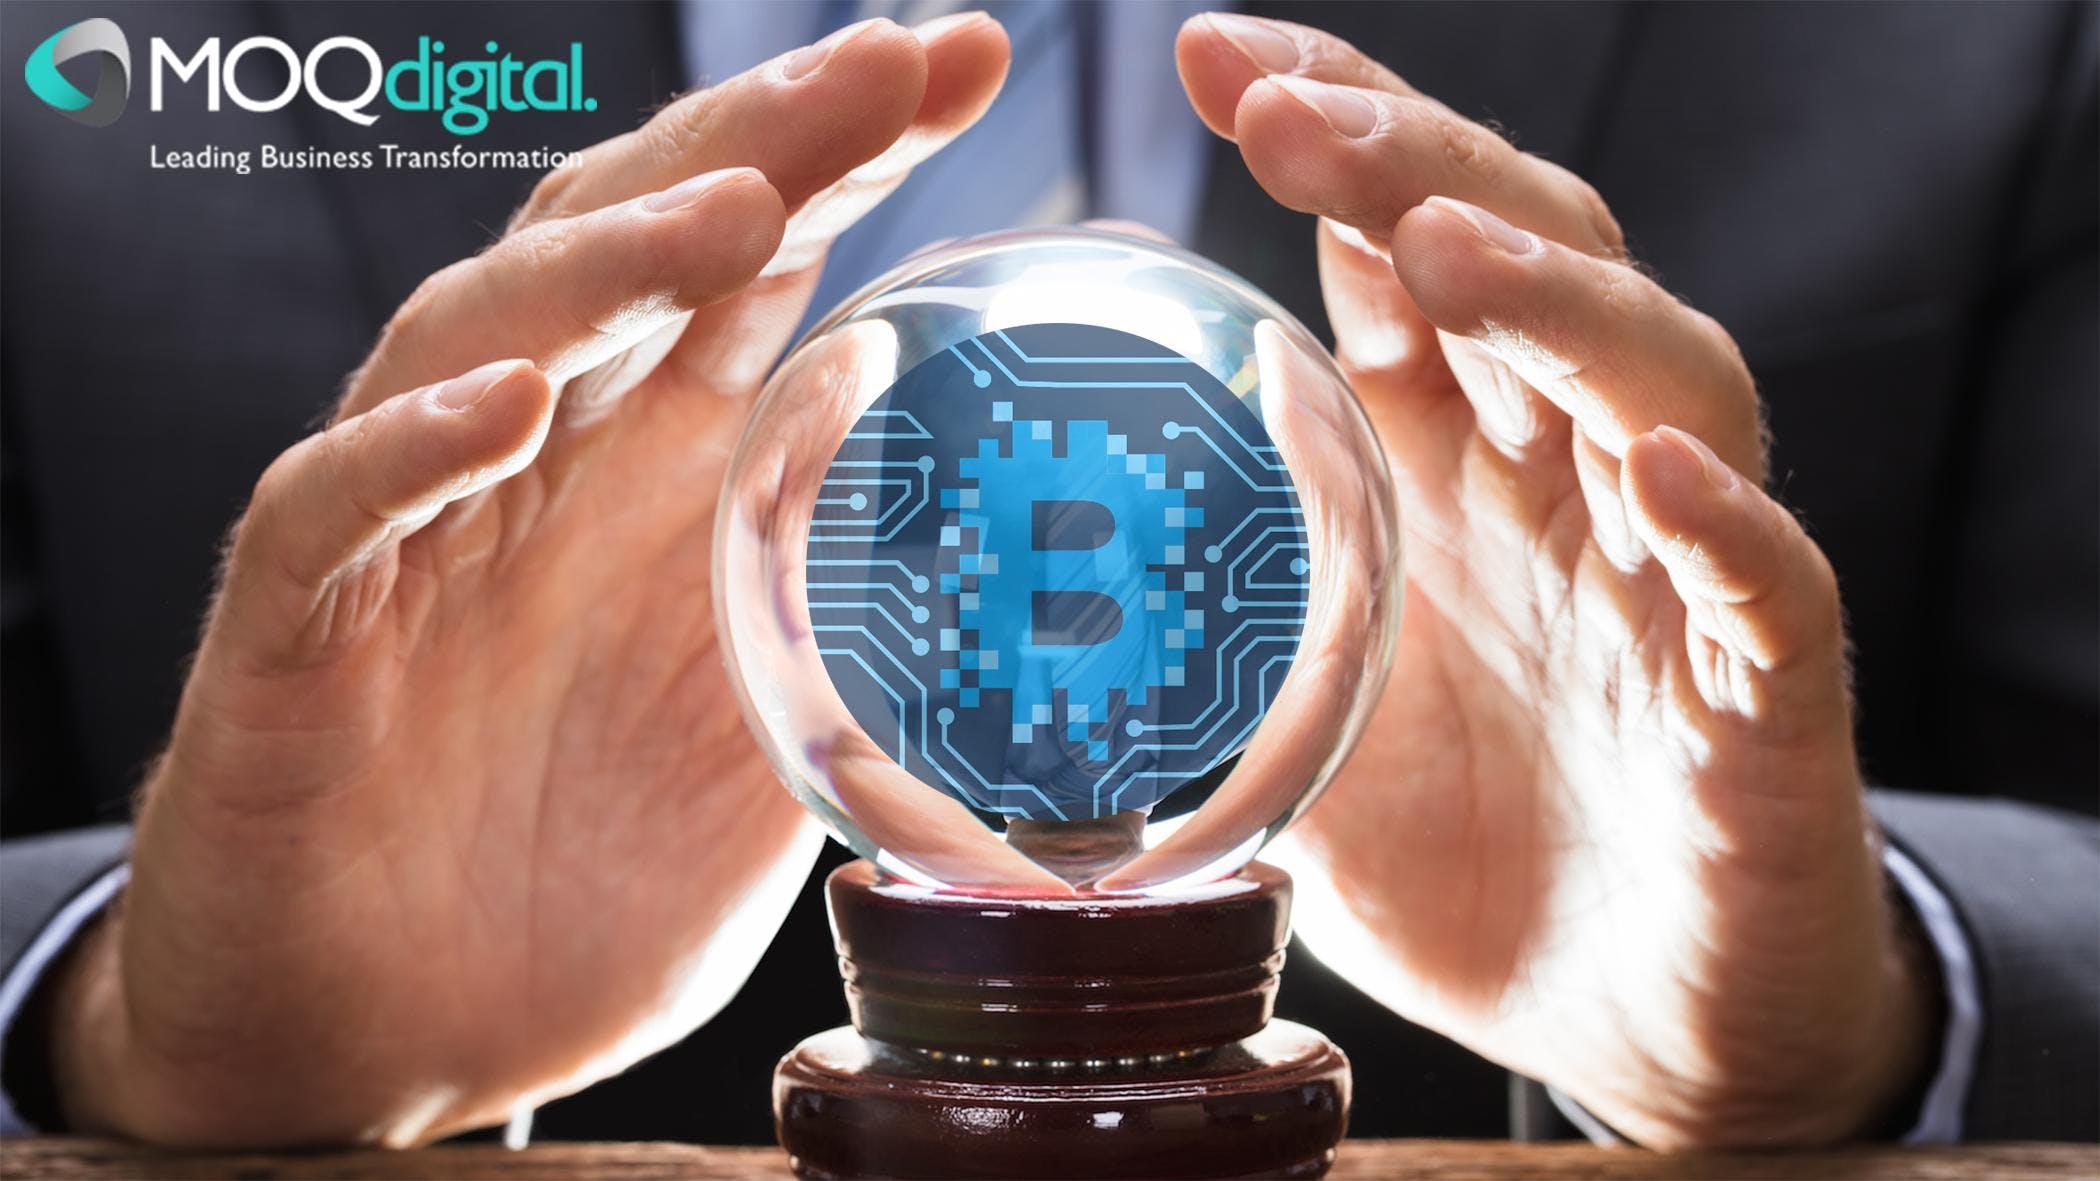 MOQdigital De-mystifying Blockchain